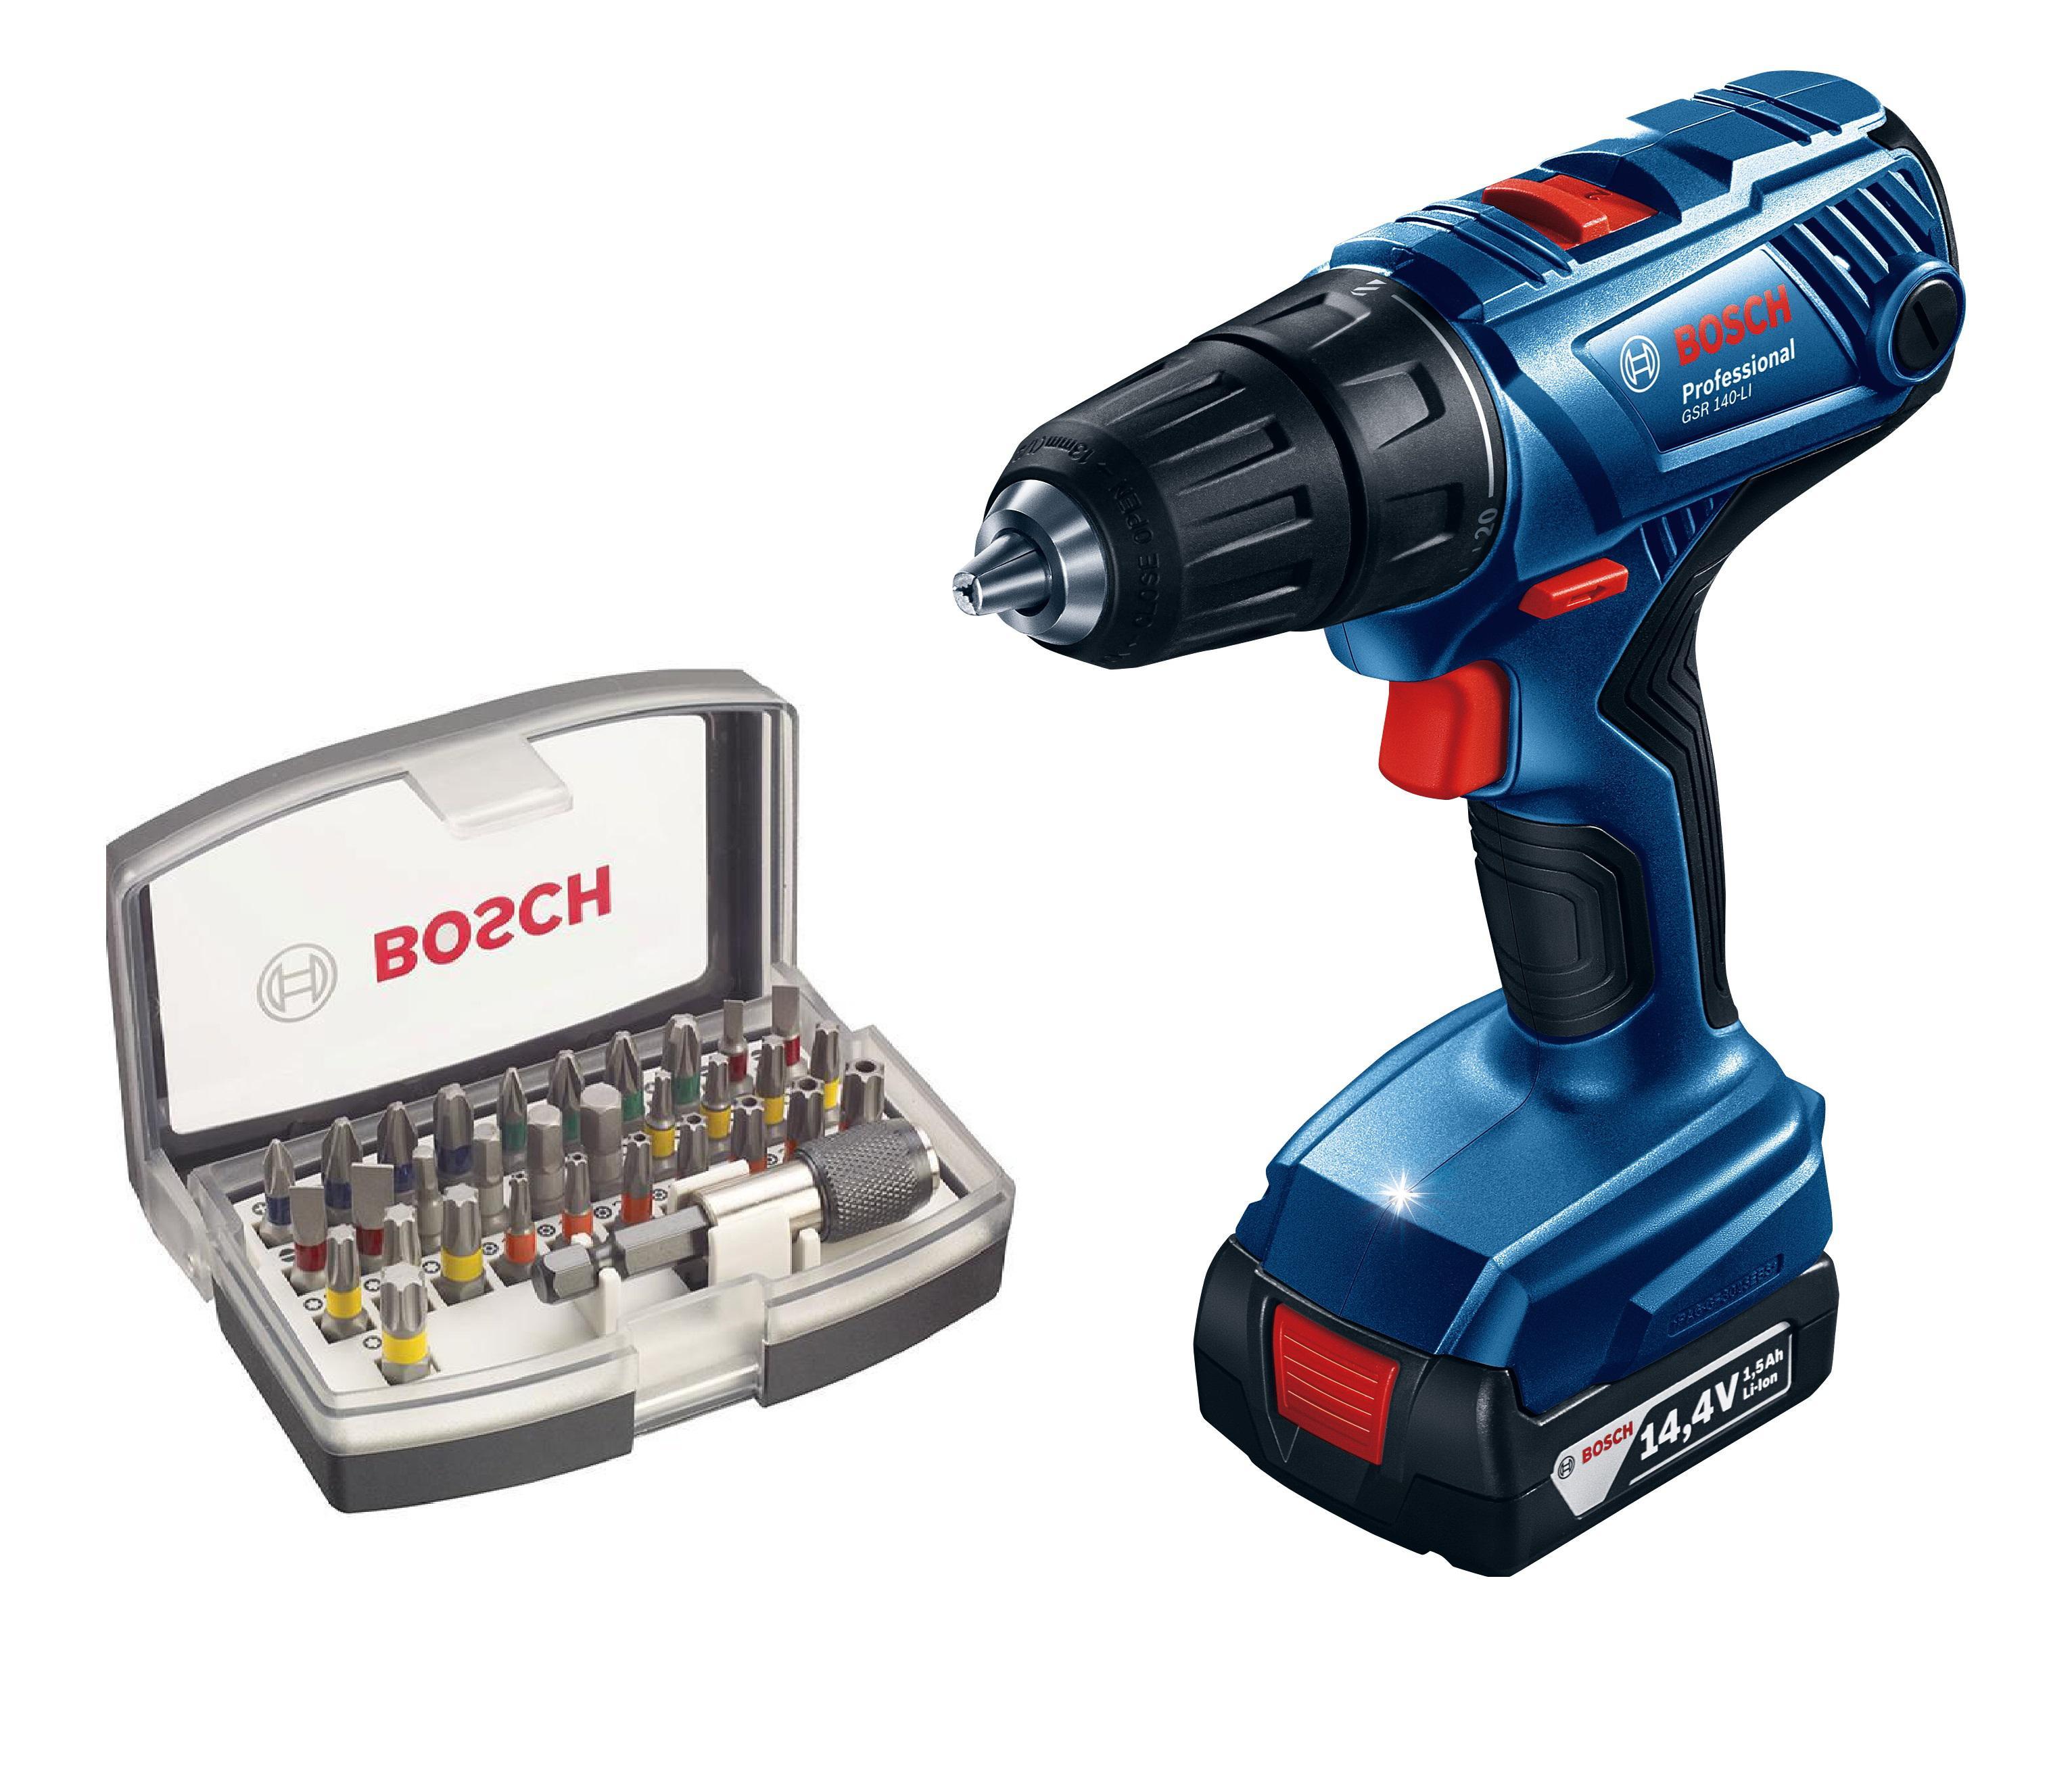 Дрель аккумуляторная Bosch Gsr 140-li (0.601.9f8.020) + Набор бит